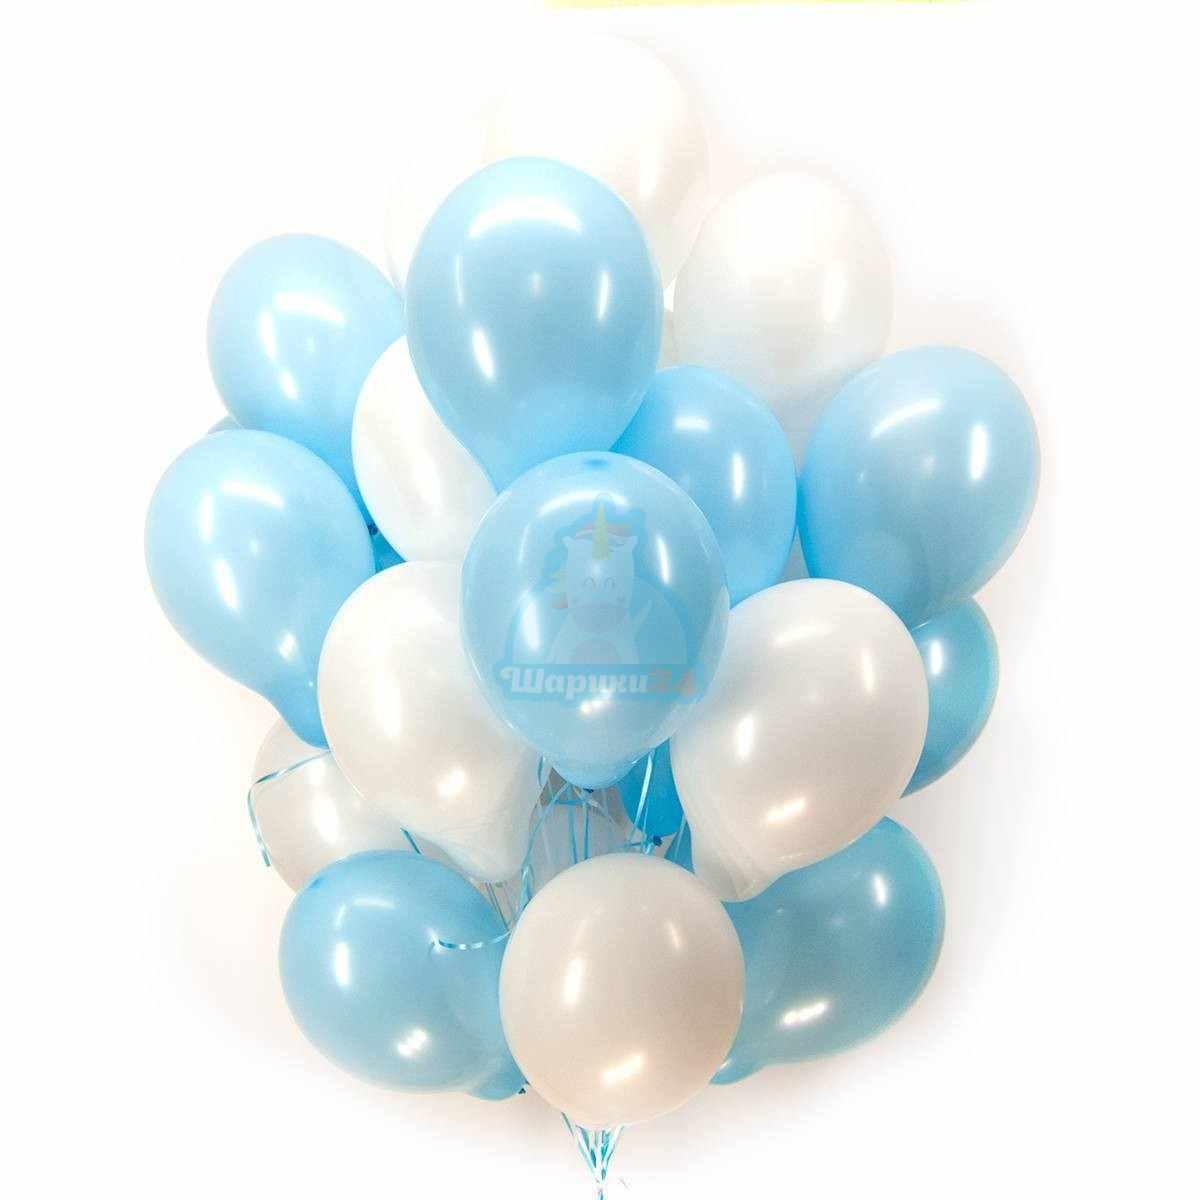 Бело-голубые шарики фото в интернет-магазине Шарики 24